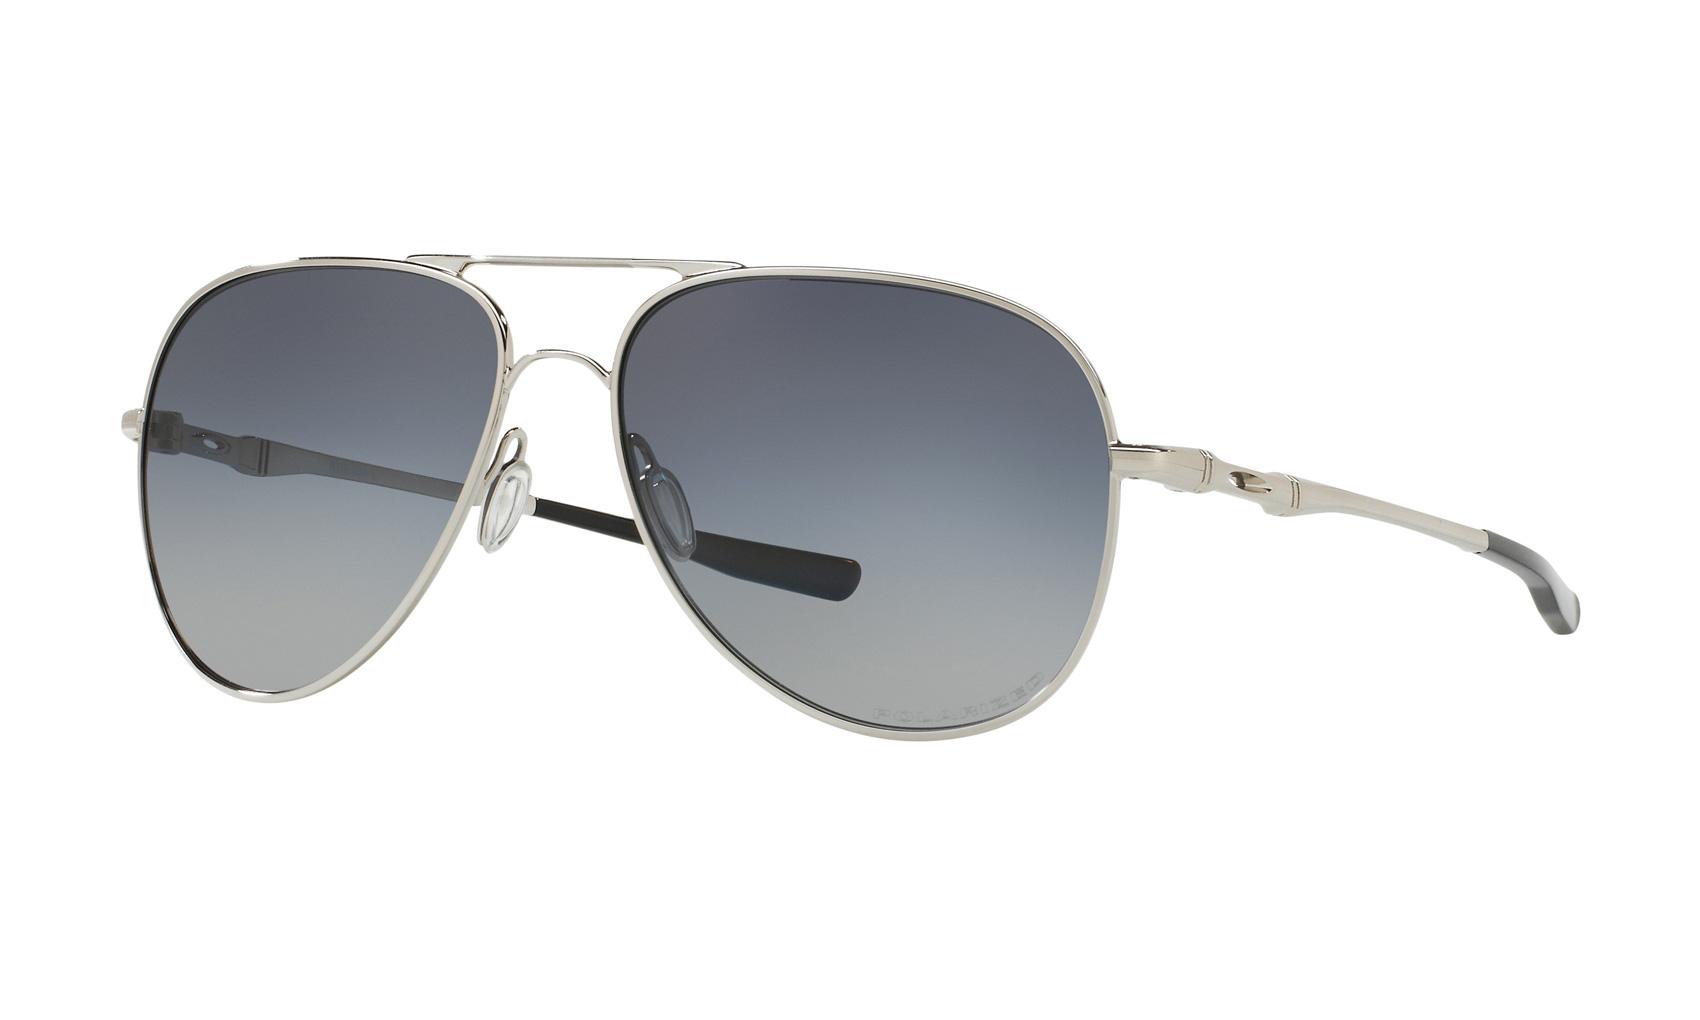 4053420d108 Oakley Elmont L Sunglasses Chrome Grey Gradient Polarized ...